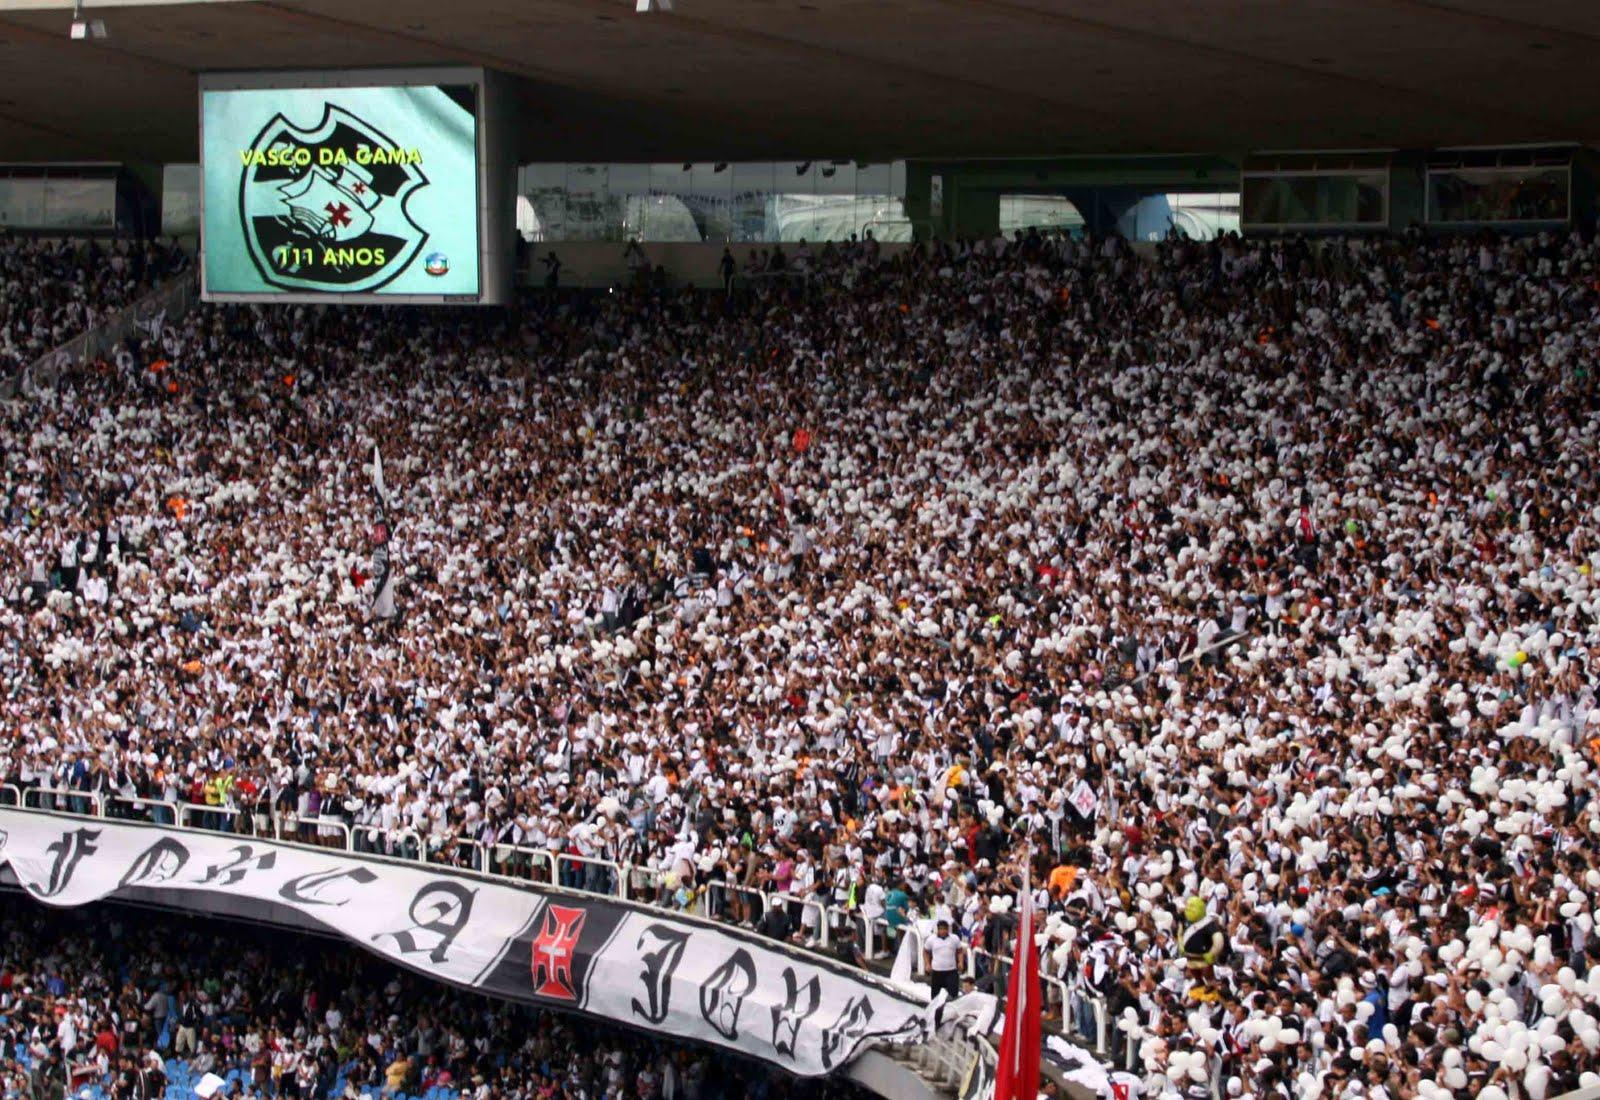 554fbf7f97 ... sinal) tem na sua maioria os adeptos deste grande clube e conta com  muitos simpatizantes não só no Brasil